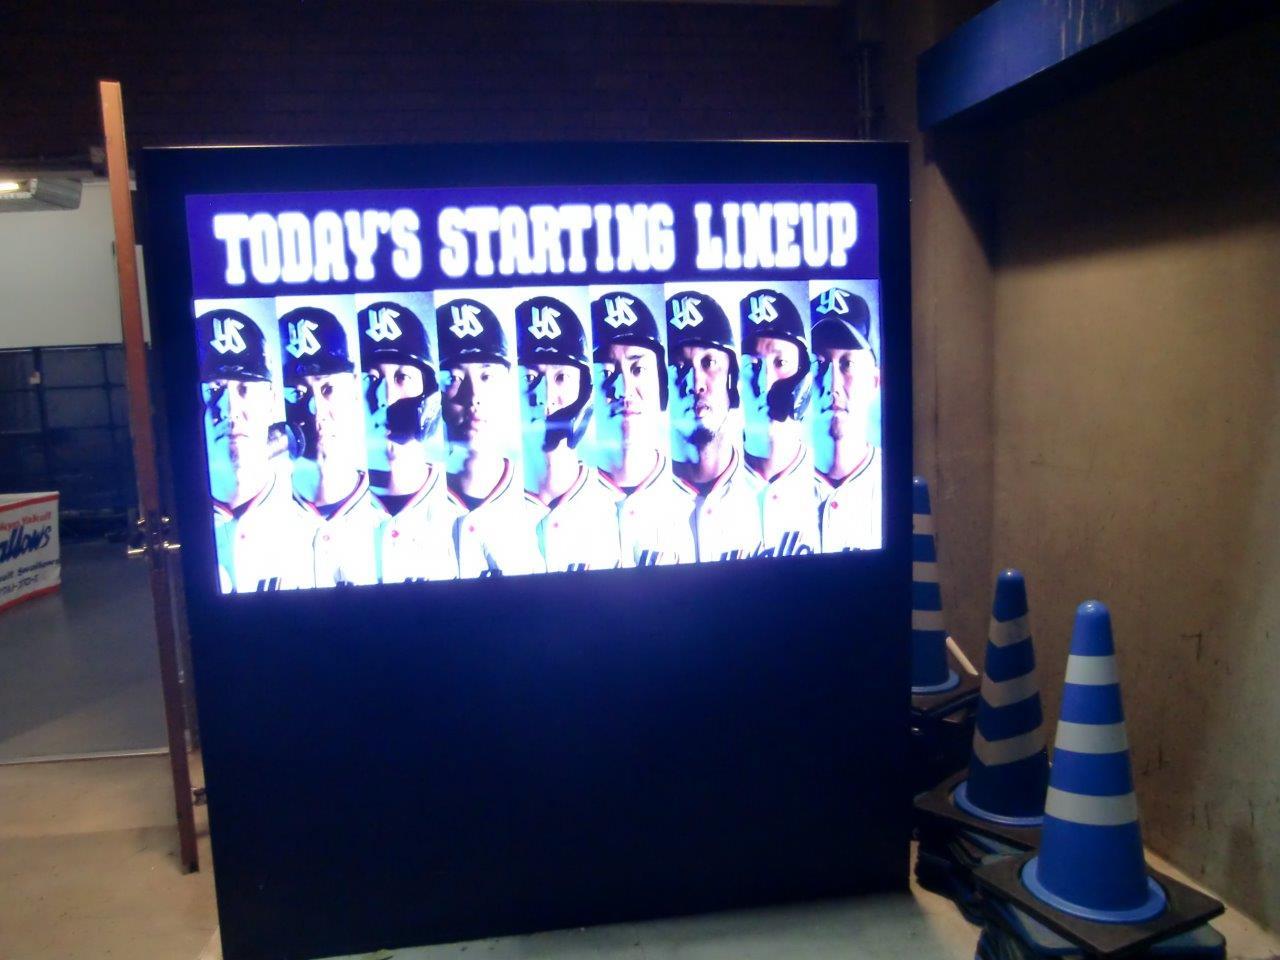 4/13(火)17時30分 東京ヤクルト対横浜DeNA 明治神宮野球場 2021年セ・リーグ公式戦の画像